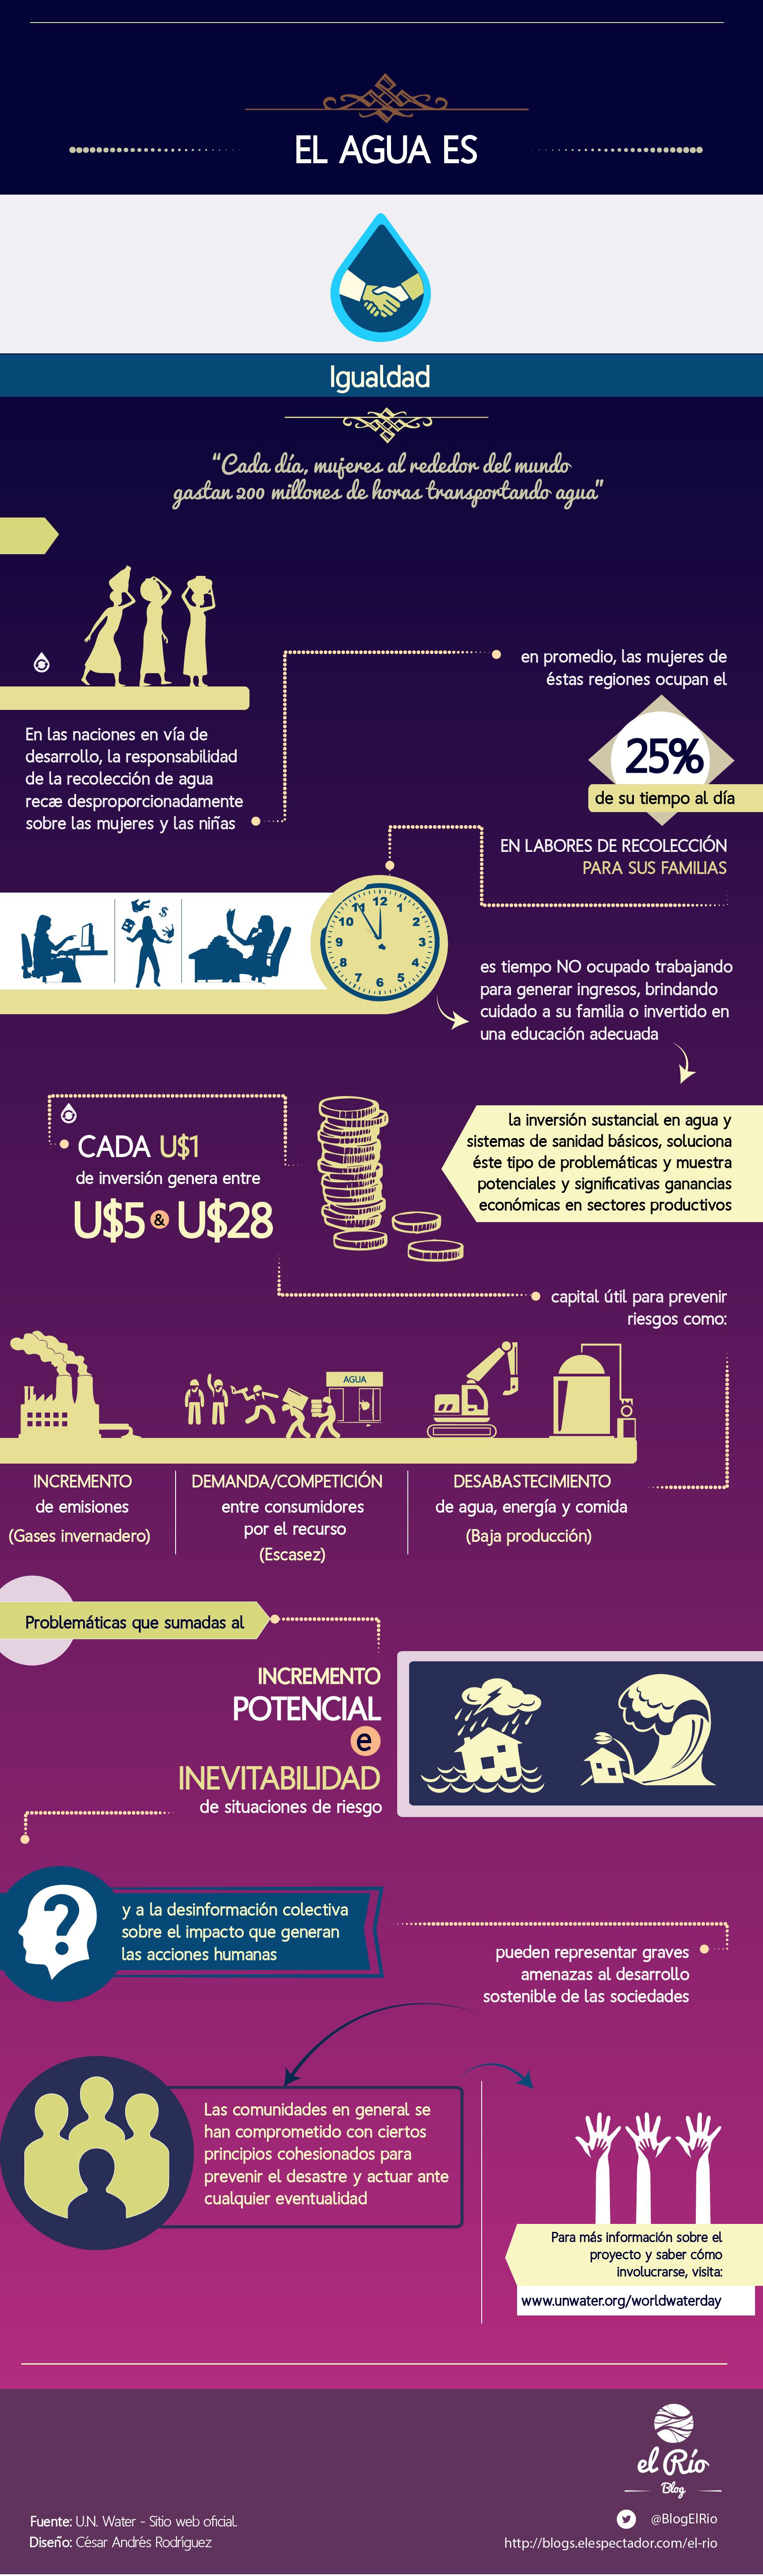 InfografíaDiaMundialDelAguaEquidad-02